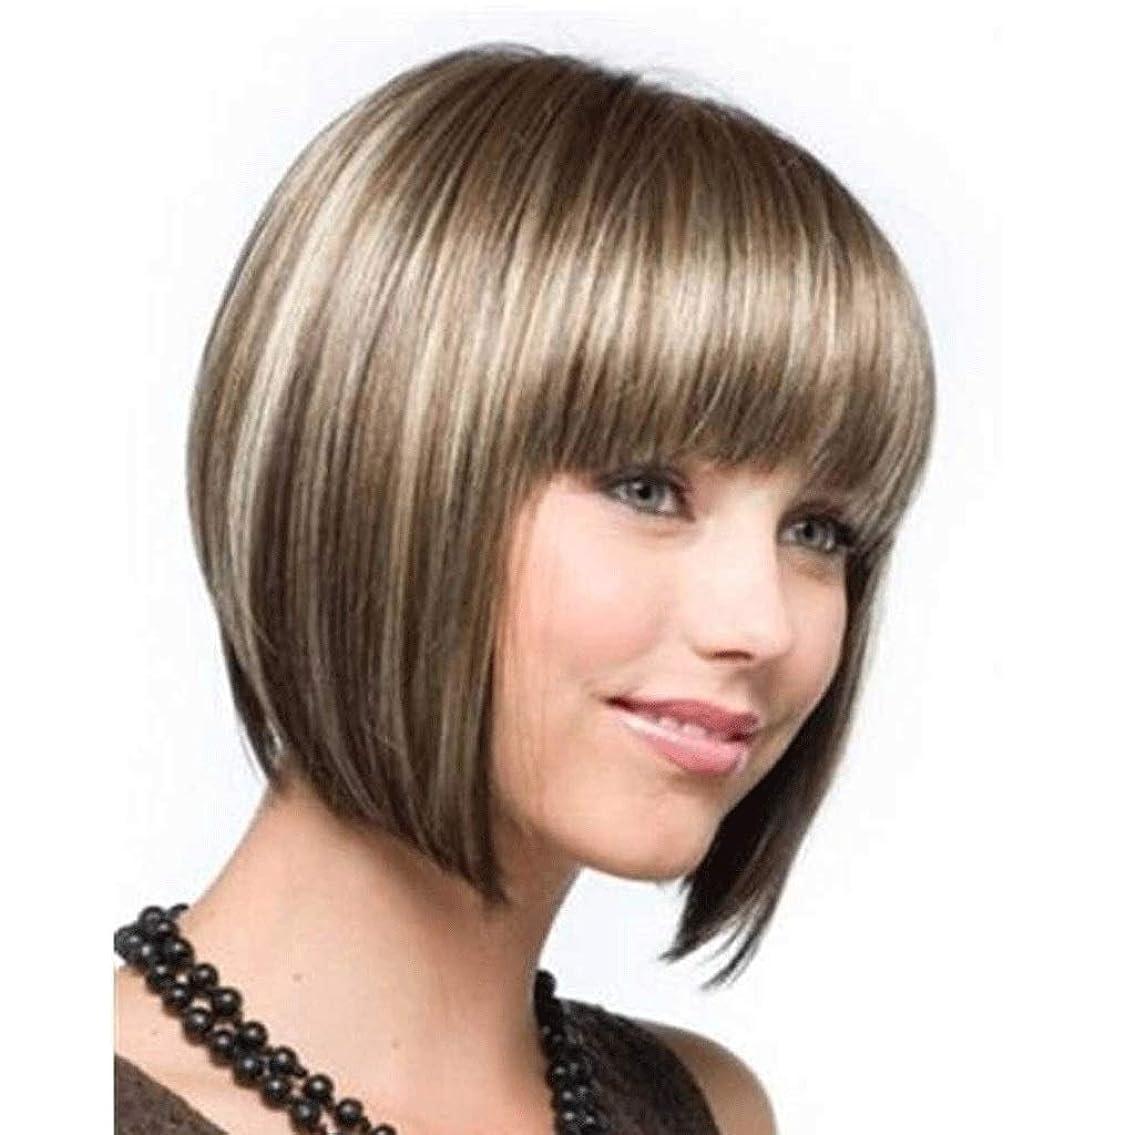 位置づける賭け着飾る女性のストレートショートボブ耐熱合成かつら、ナチュラルミックスブラウンブロンド2色フルヘアかつら前髪 (色 : Blond)